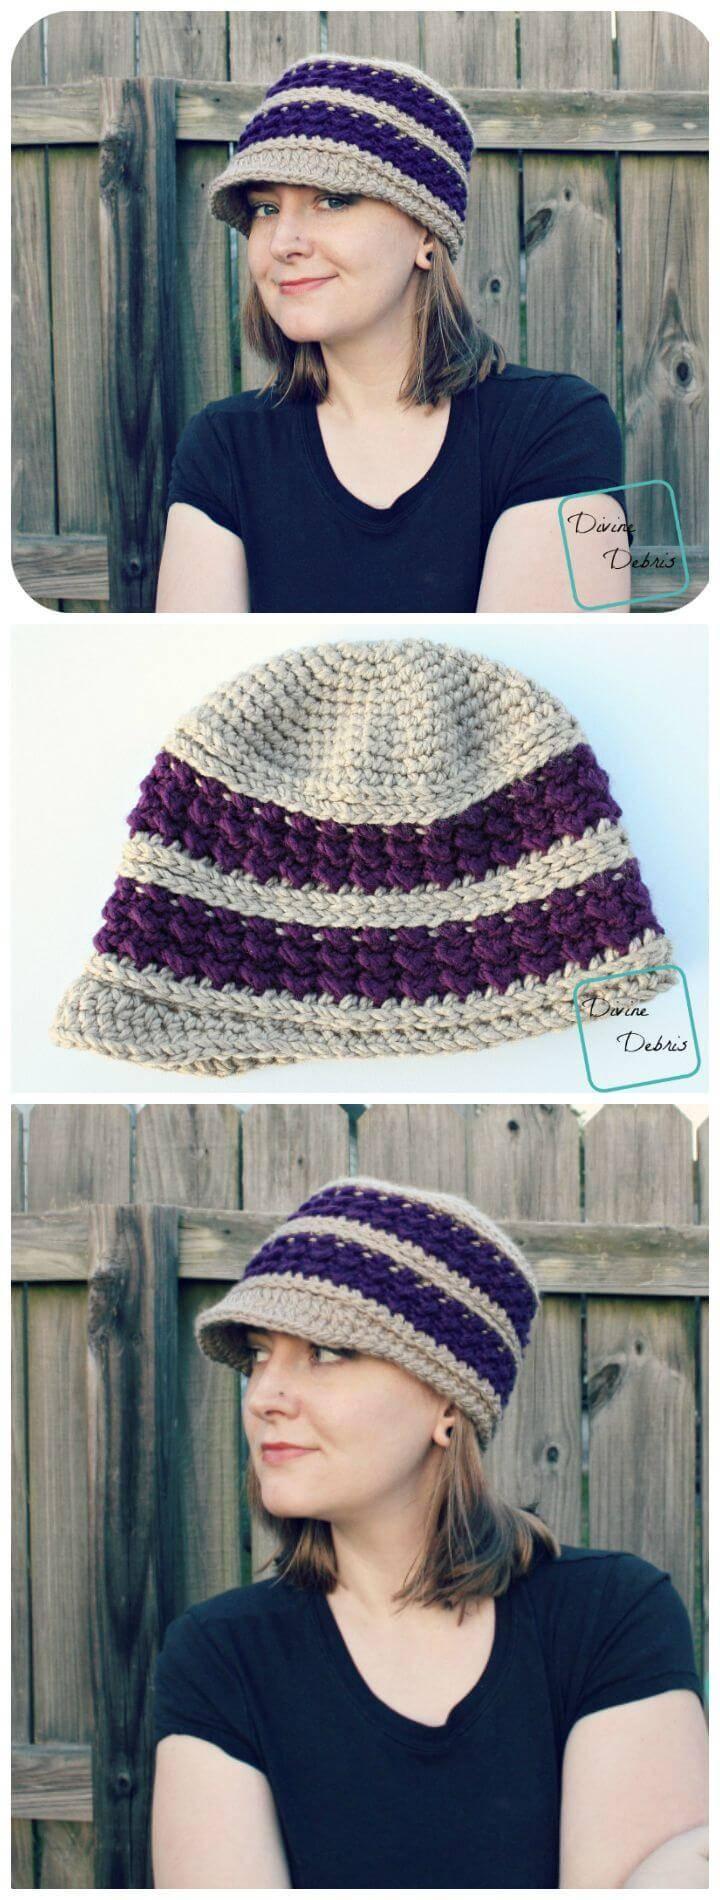 Cute Crochet Newsboy Hat - Free Pattern